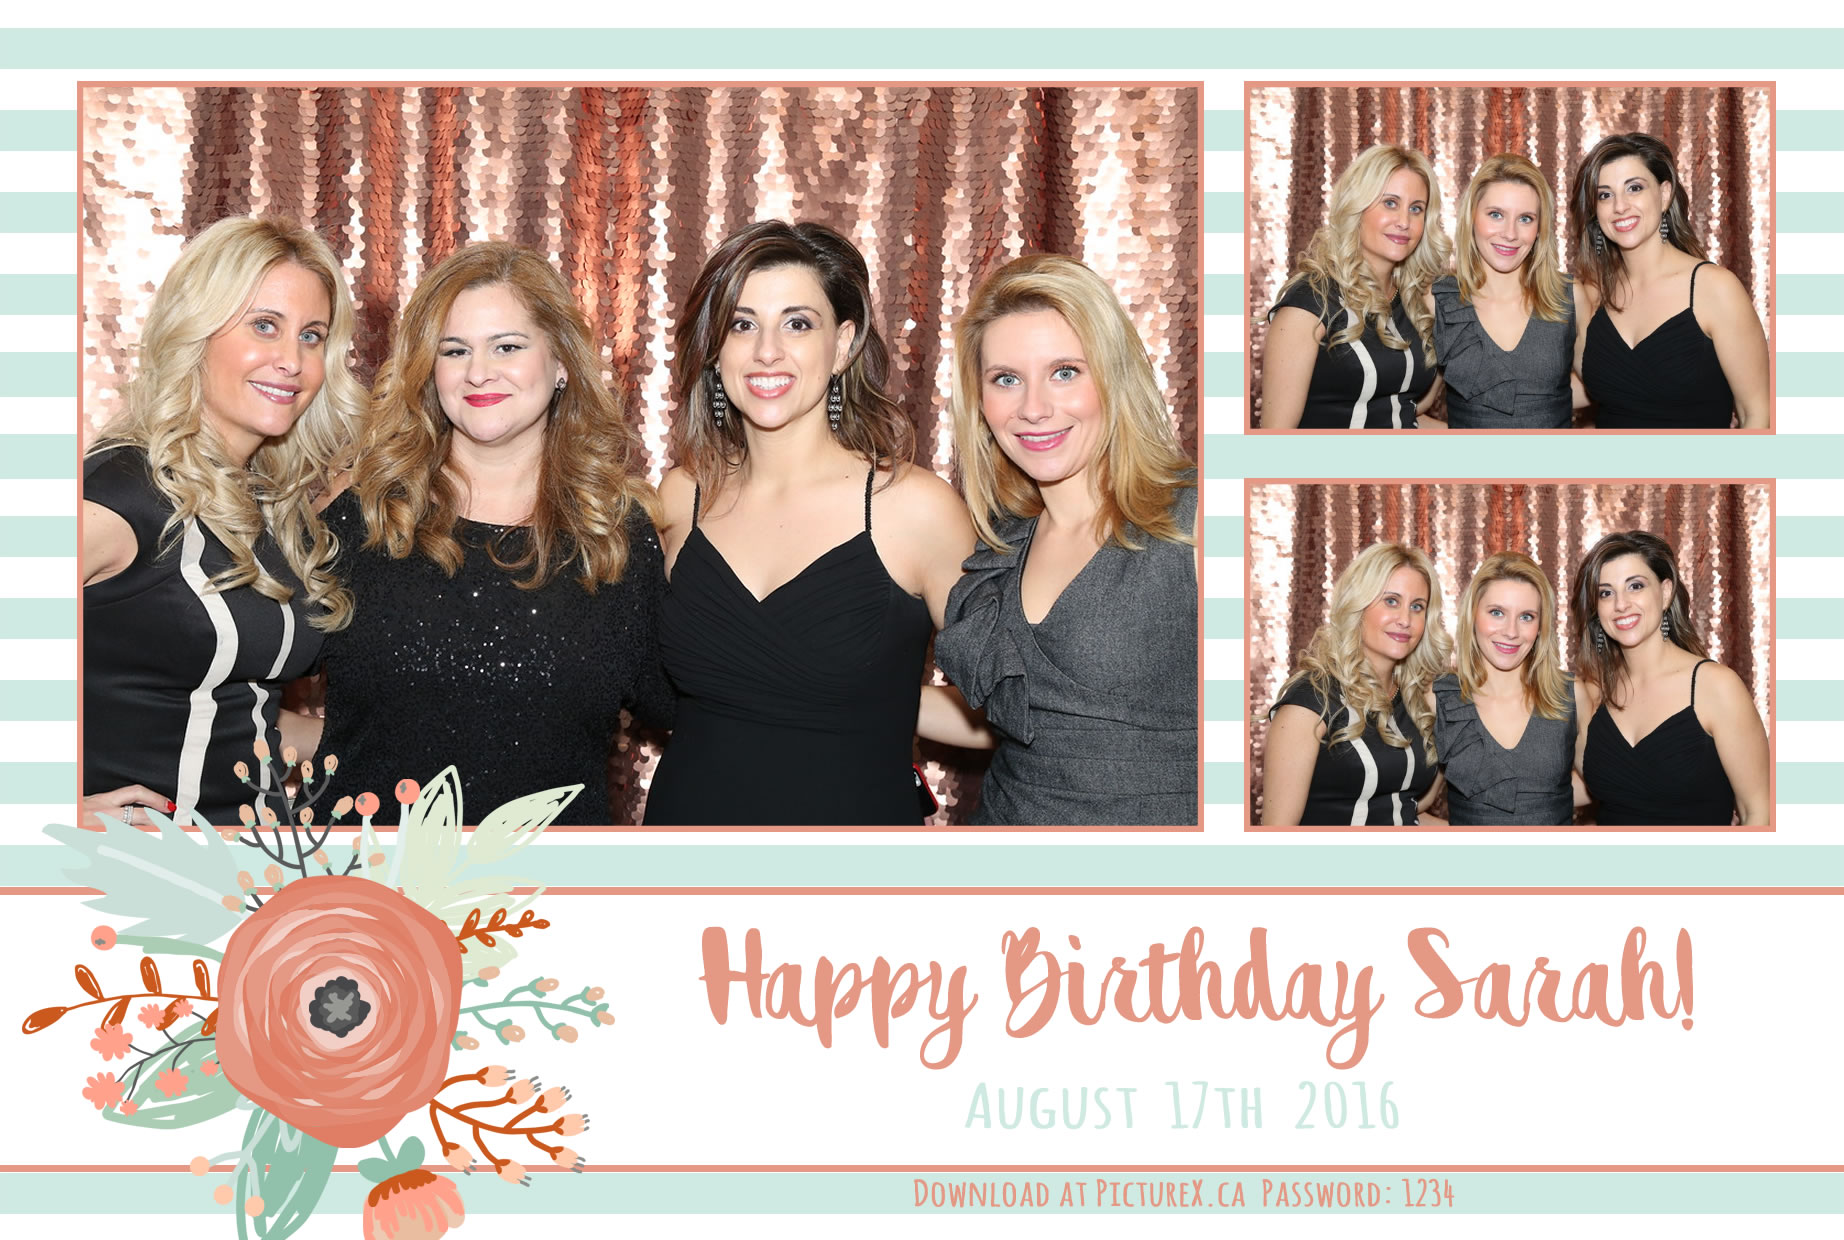 Peach Photo Booth prints